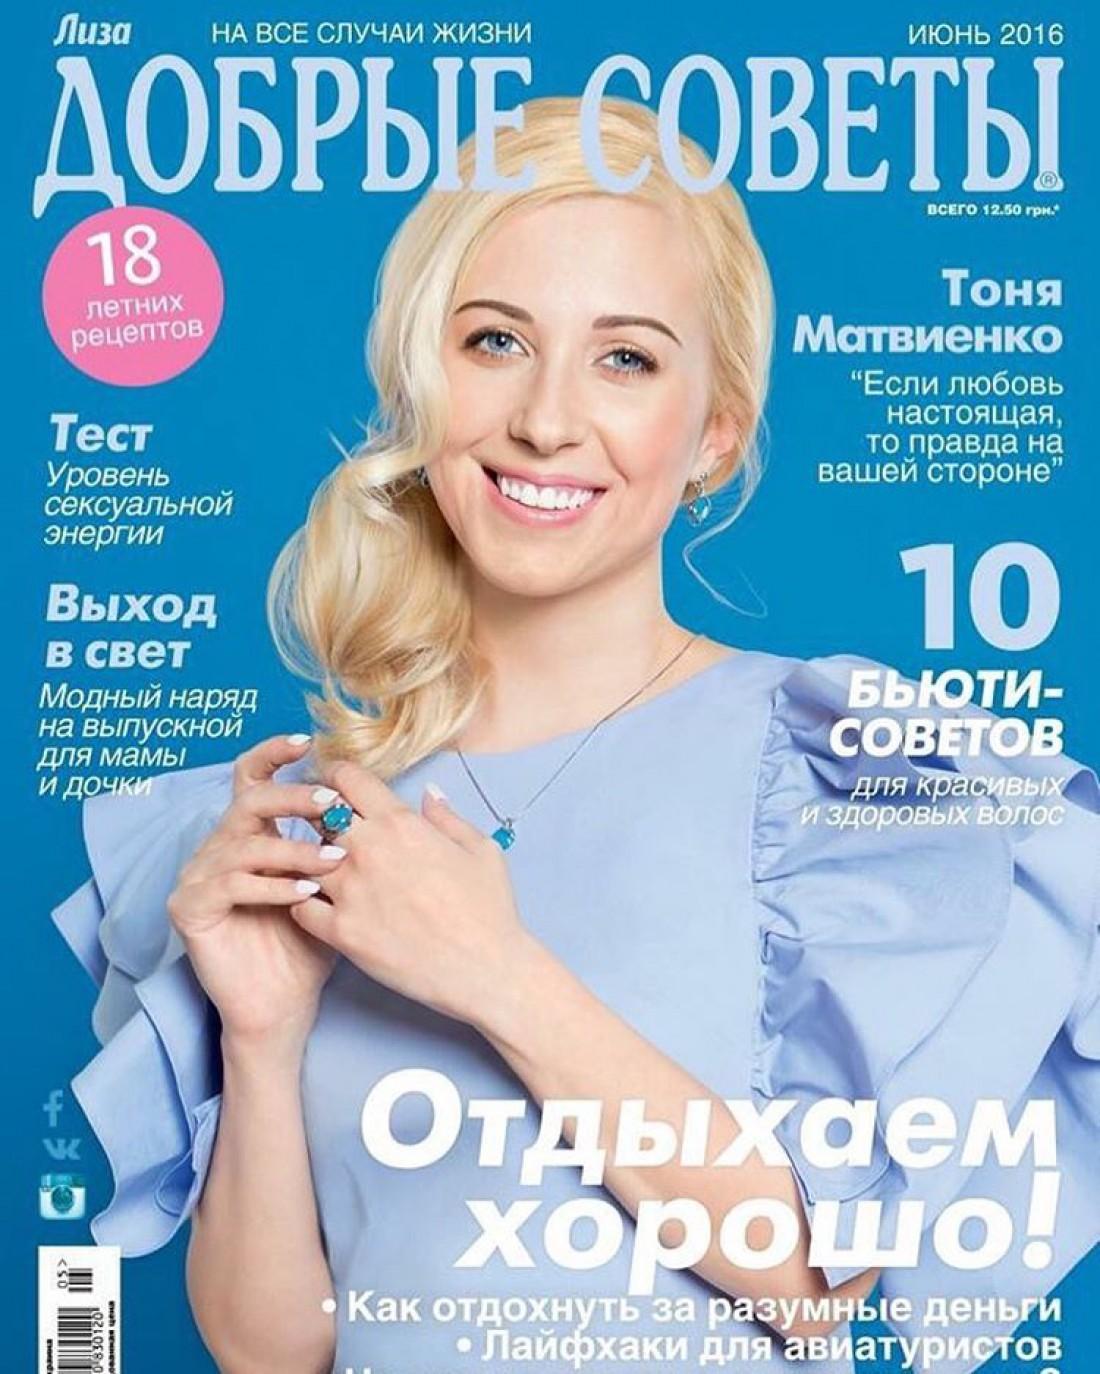 Тоня Матвиенко на обложке нового номера журнала Добрые советы